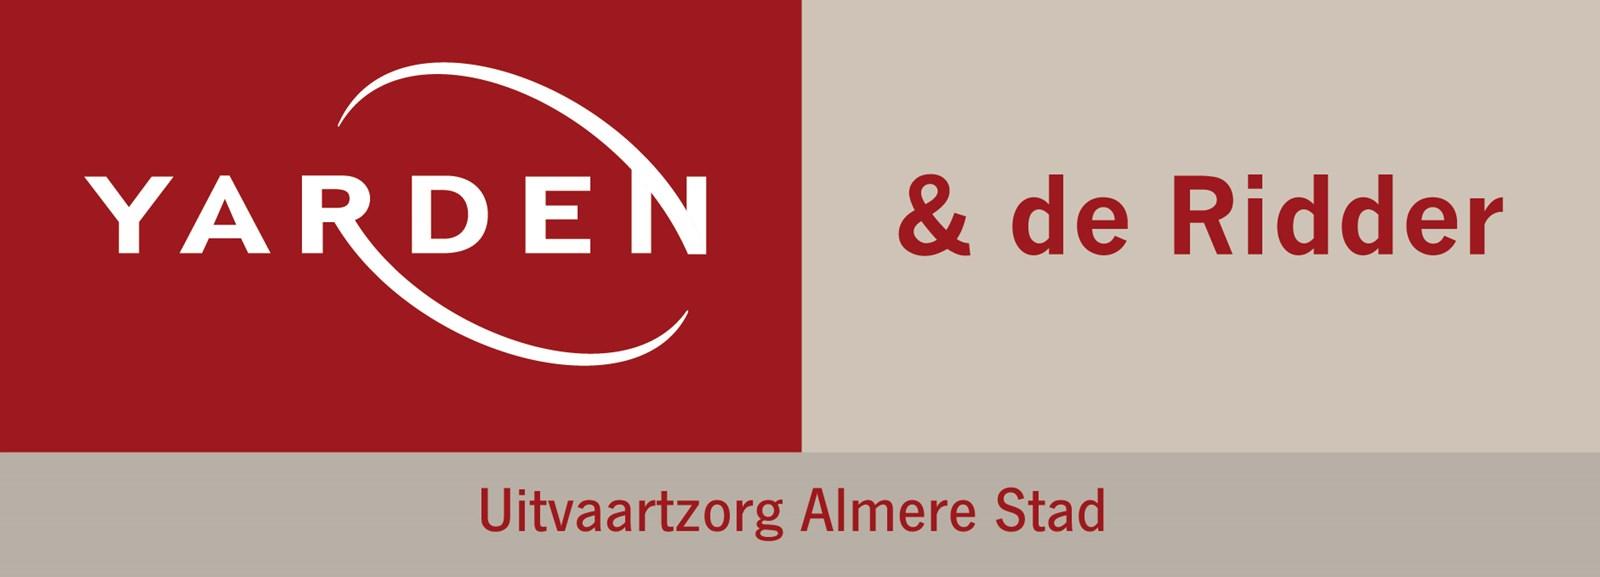 Logo van Yarden & De Ridder, Uitvaartzorg Almere-Stad